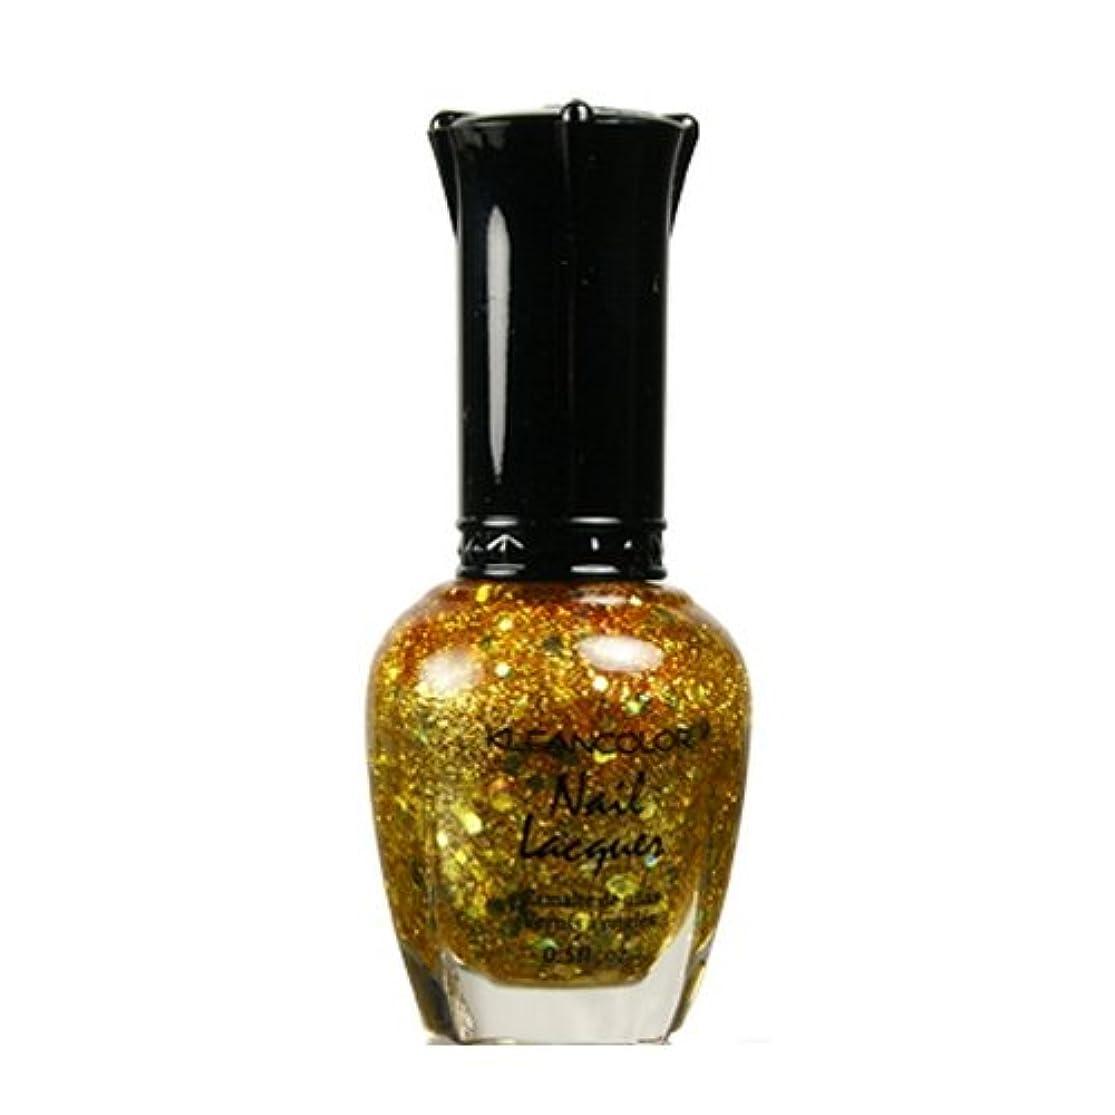 背の高いうつこどもセンター(6 Pack) KLEANCOLOR Nail Lacquer 4 - Gold Caviar (並行輸入品)